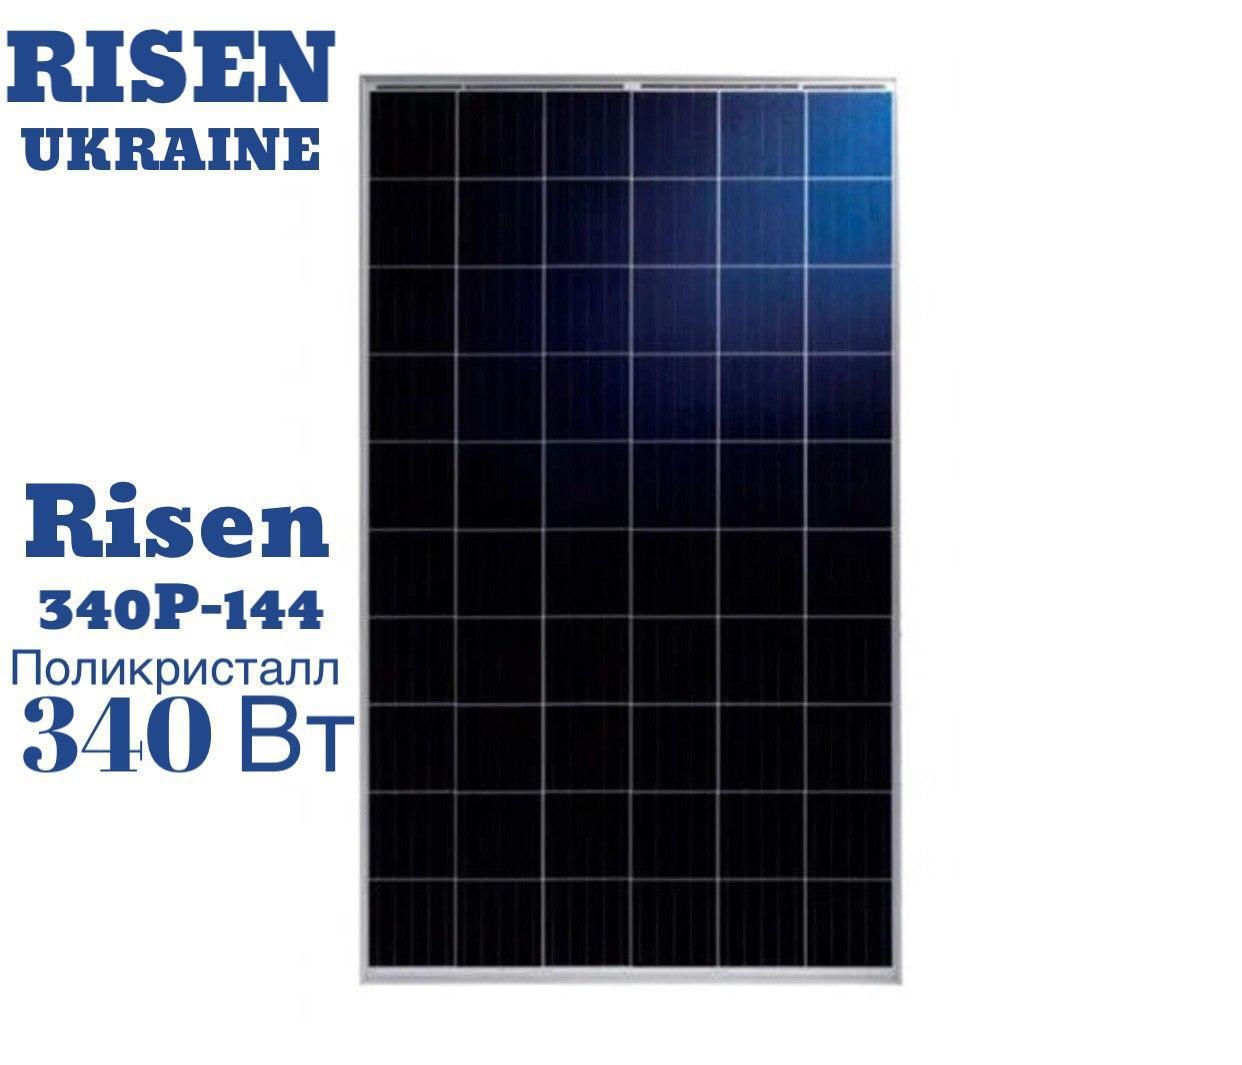 Солнечная батарея Risen 340Р-144 поликристалл 340 Вт